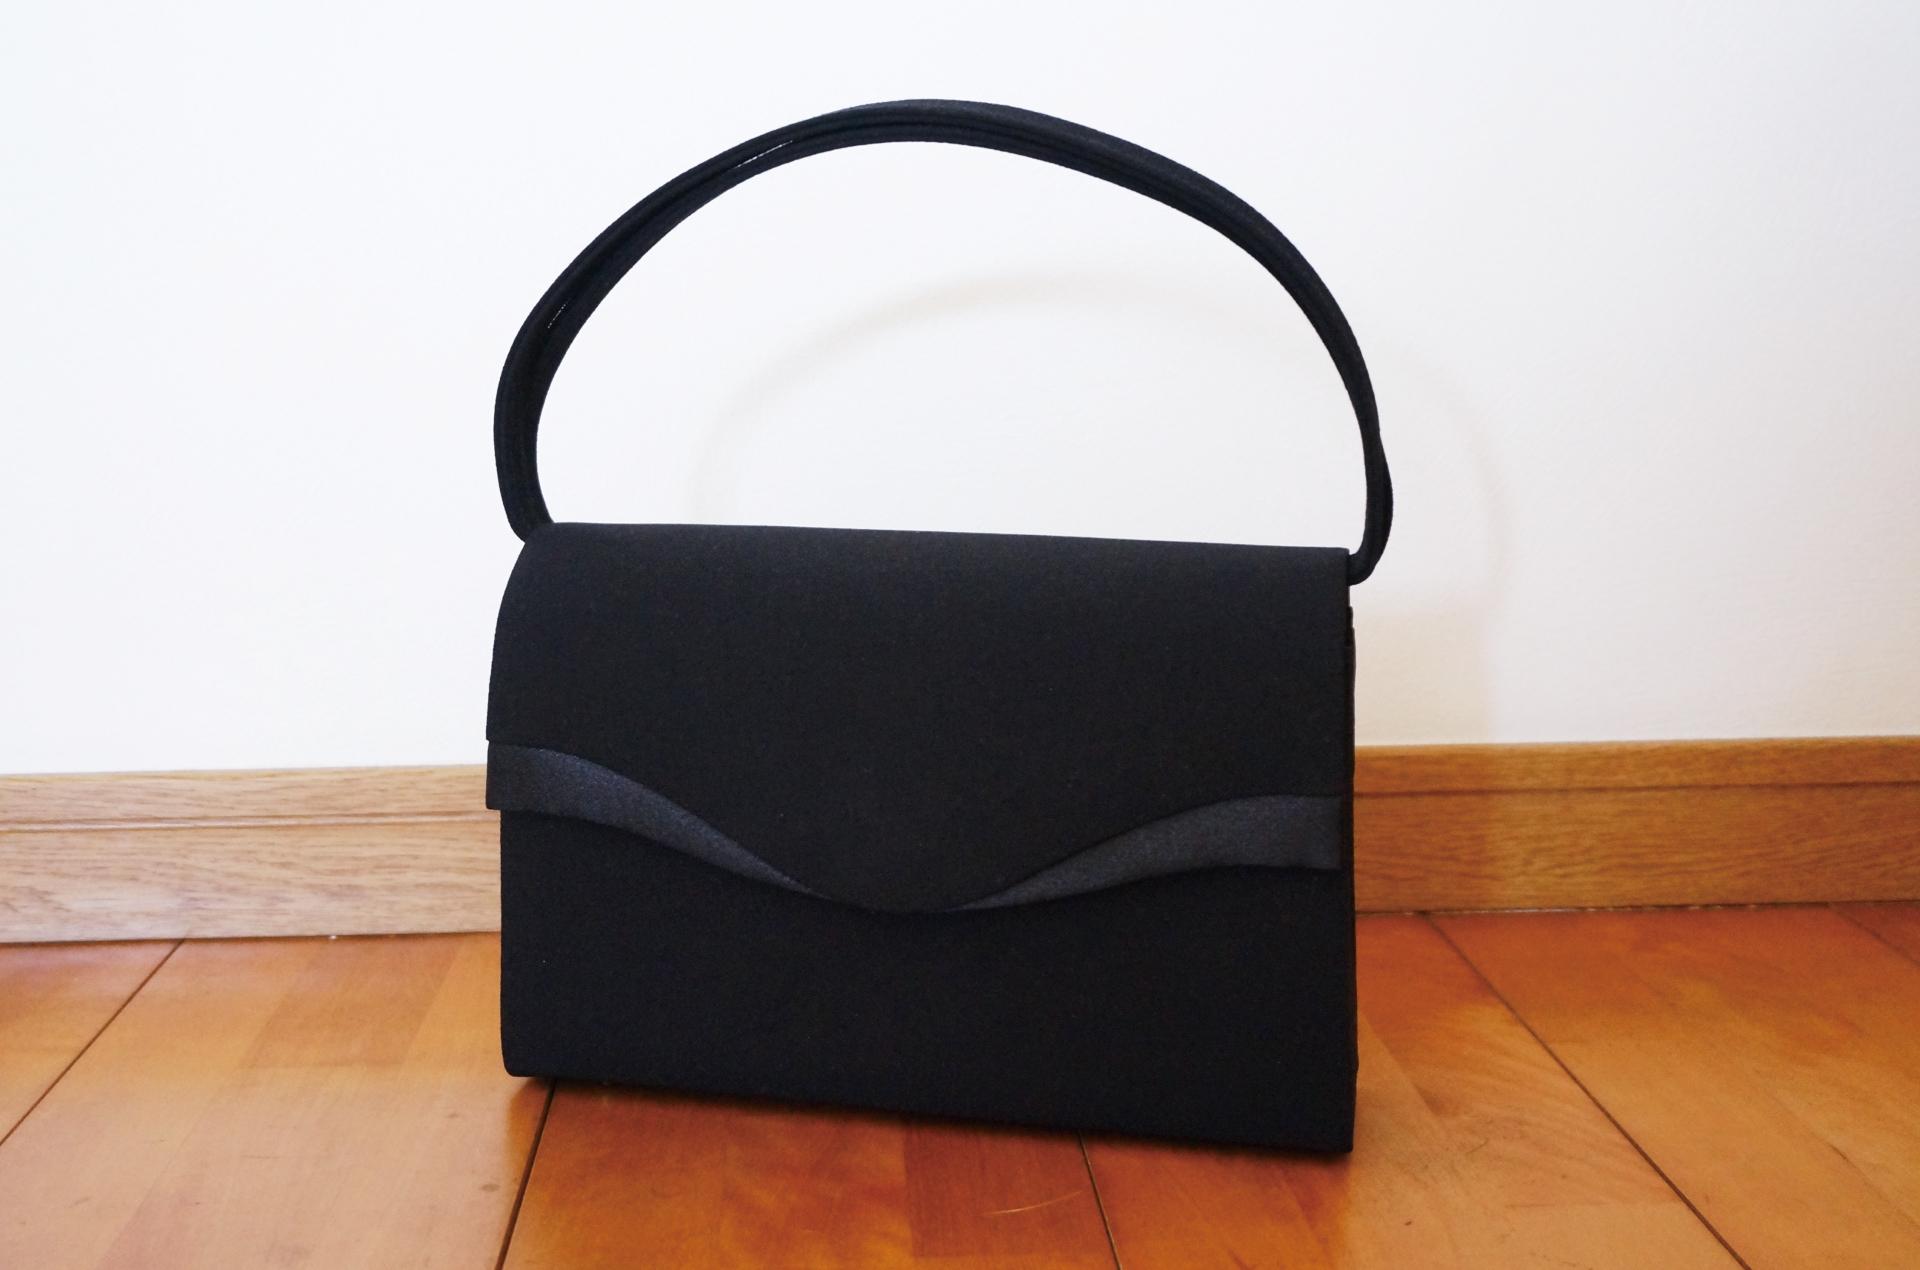 【葬儀 鞄】葬儀でどんな鞄で行けばいいの!?相応しい鞄と避けたい鞄